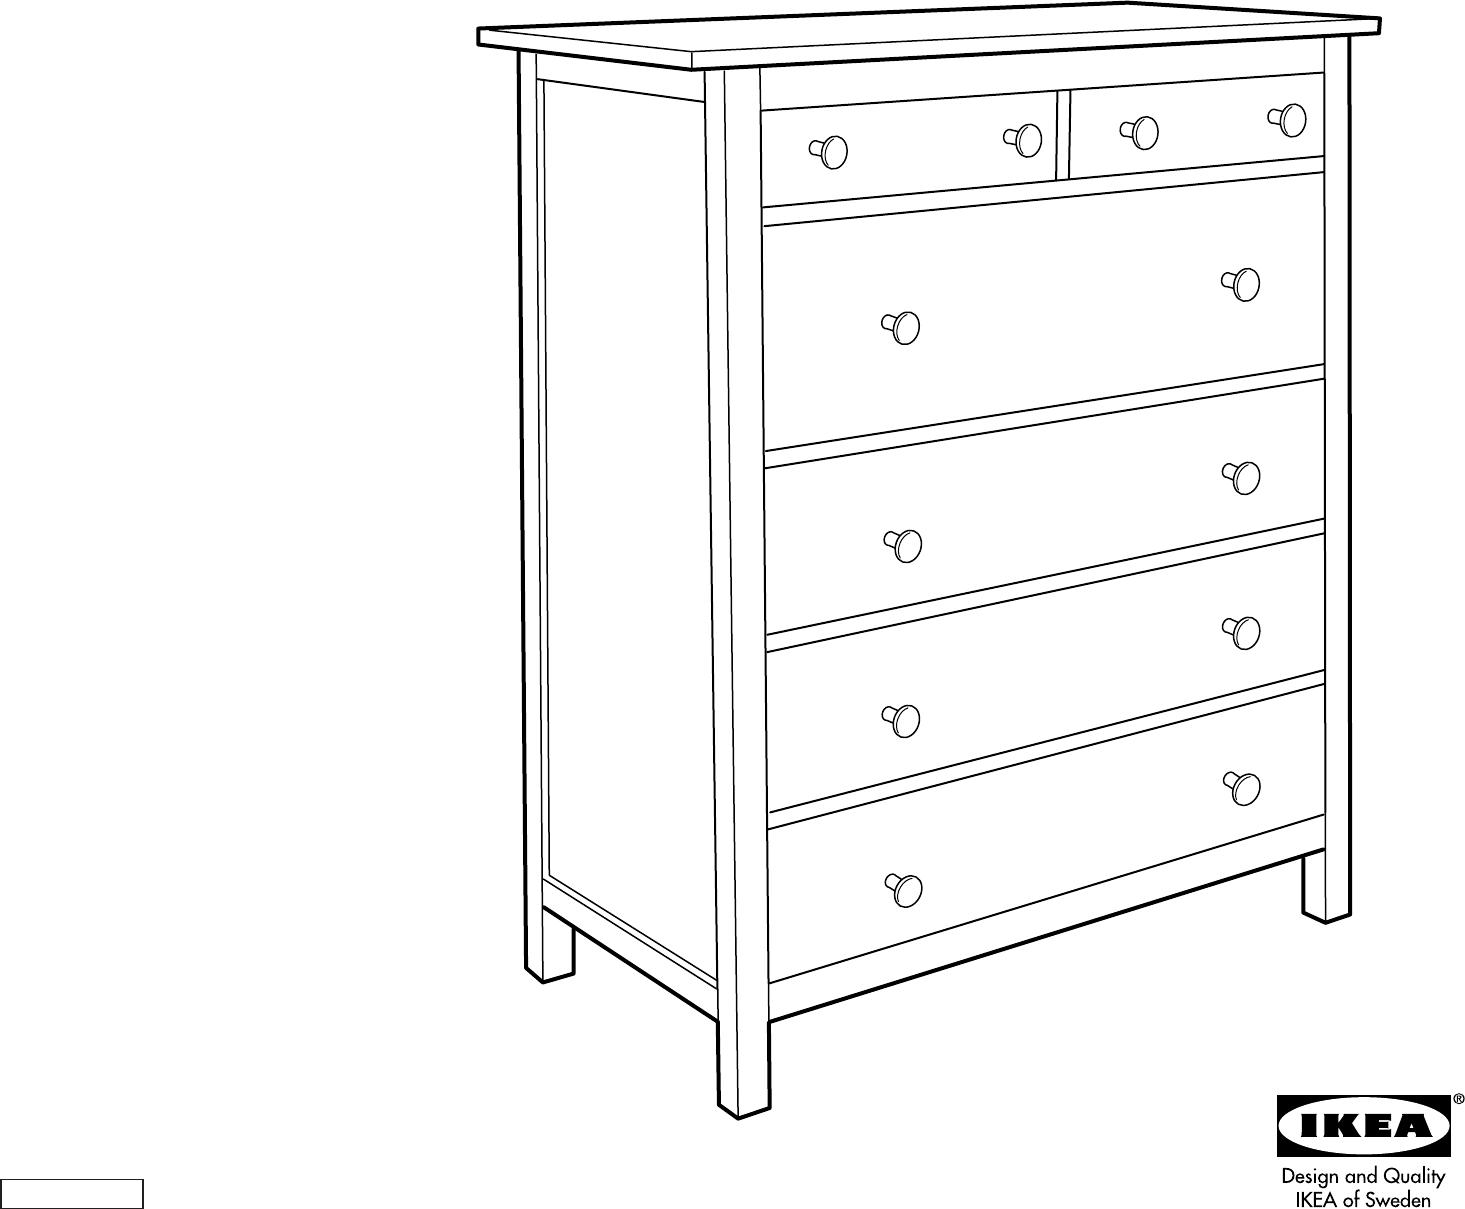 Handleiding Ikea Hemnes Ladekast 6 Pagina 1 Van 12 Dansk